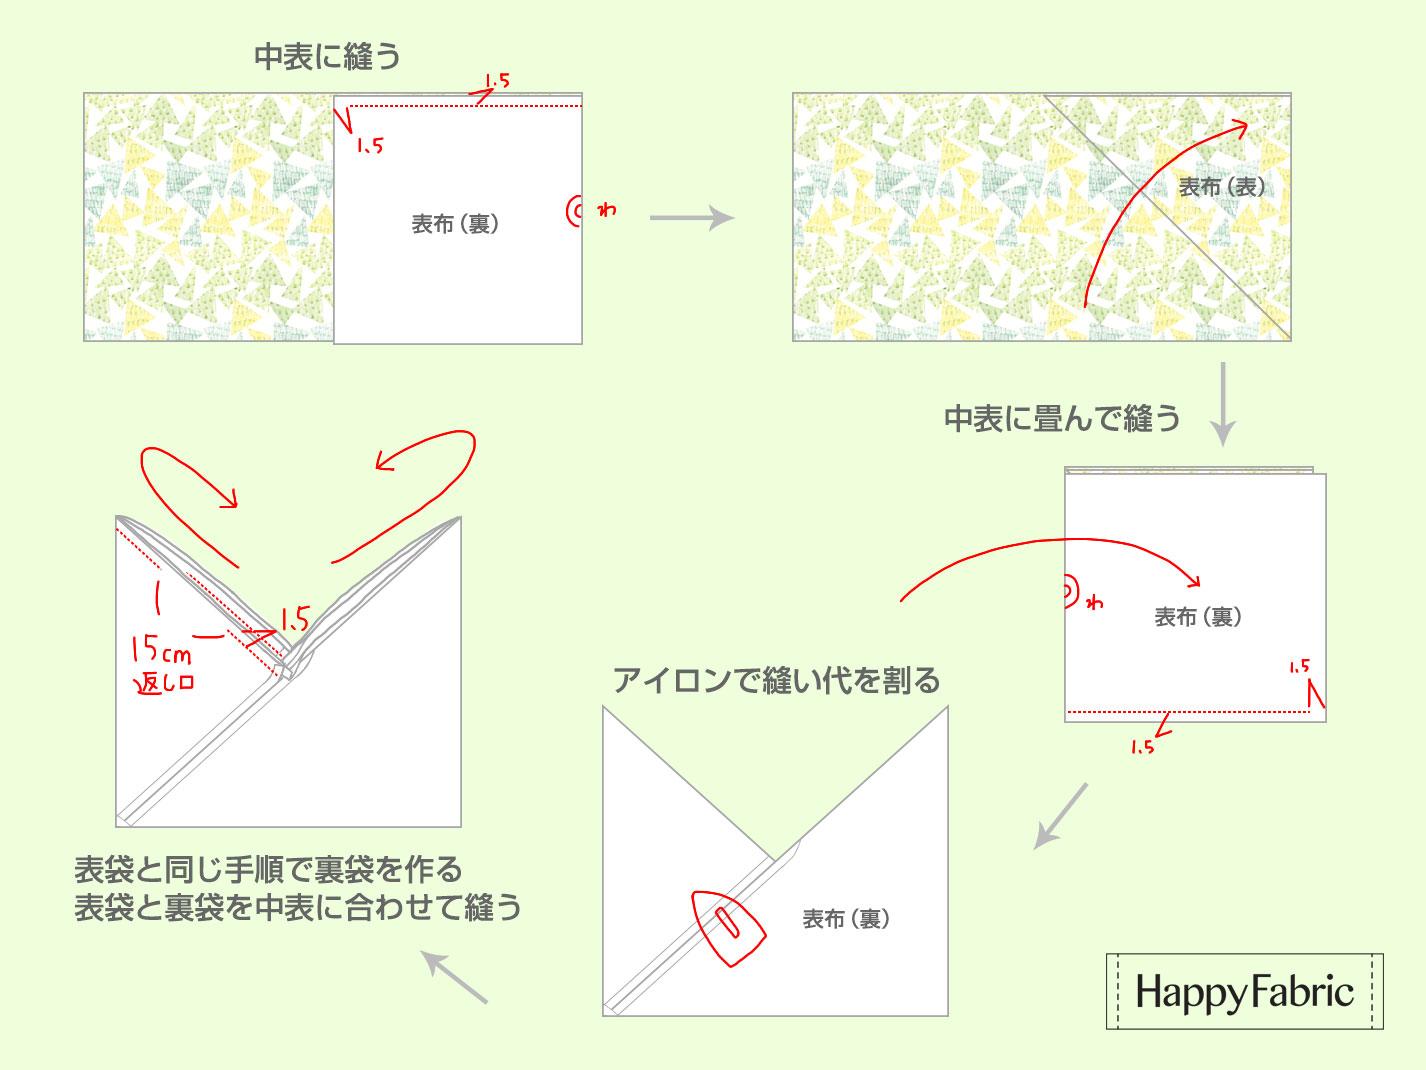 02 あづま袋の作り方図解